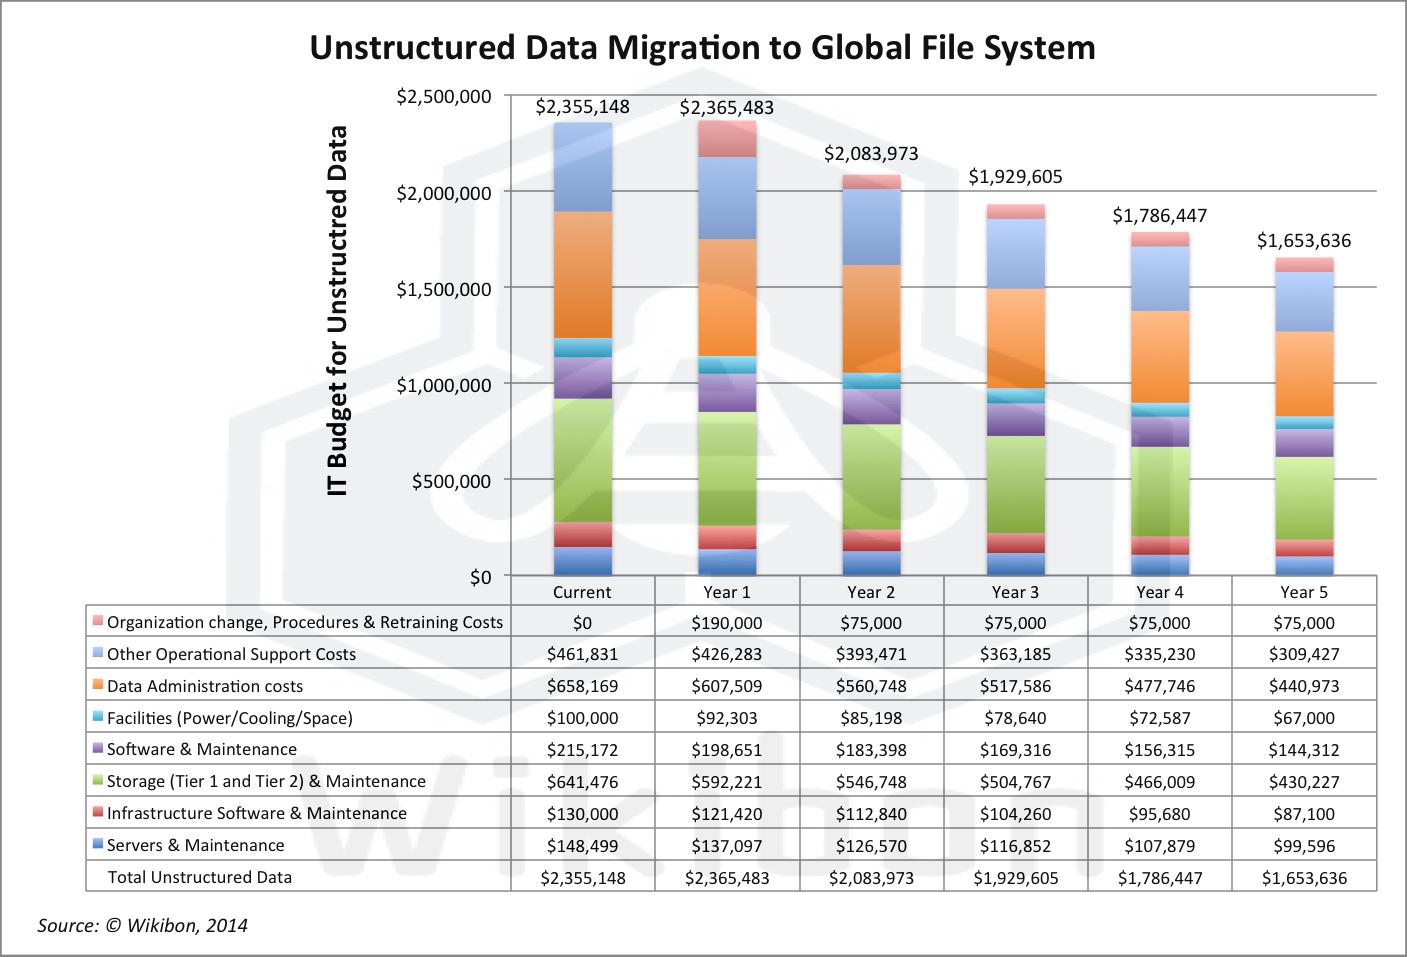 MigratingUnstructuredData